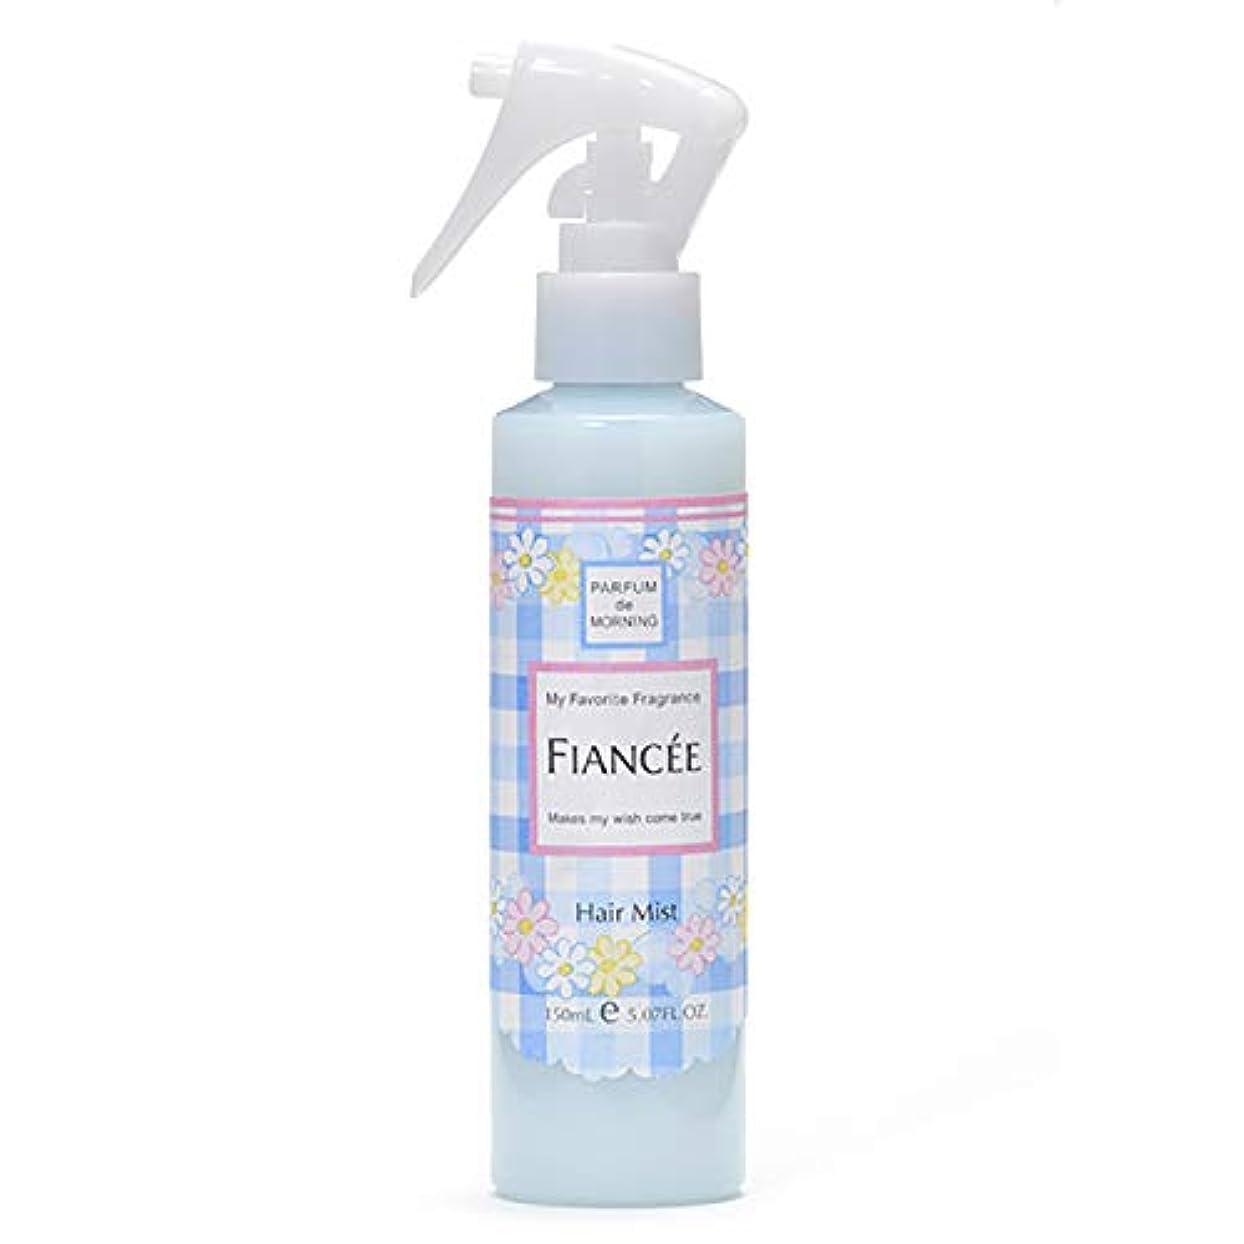 フィアンセ フレグランスヘアミスト はじまりの朝の香り 150ml